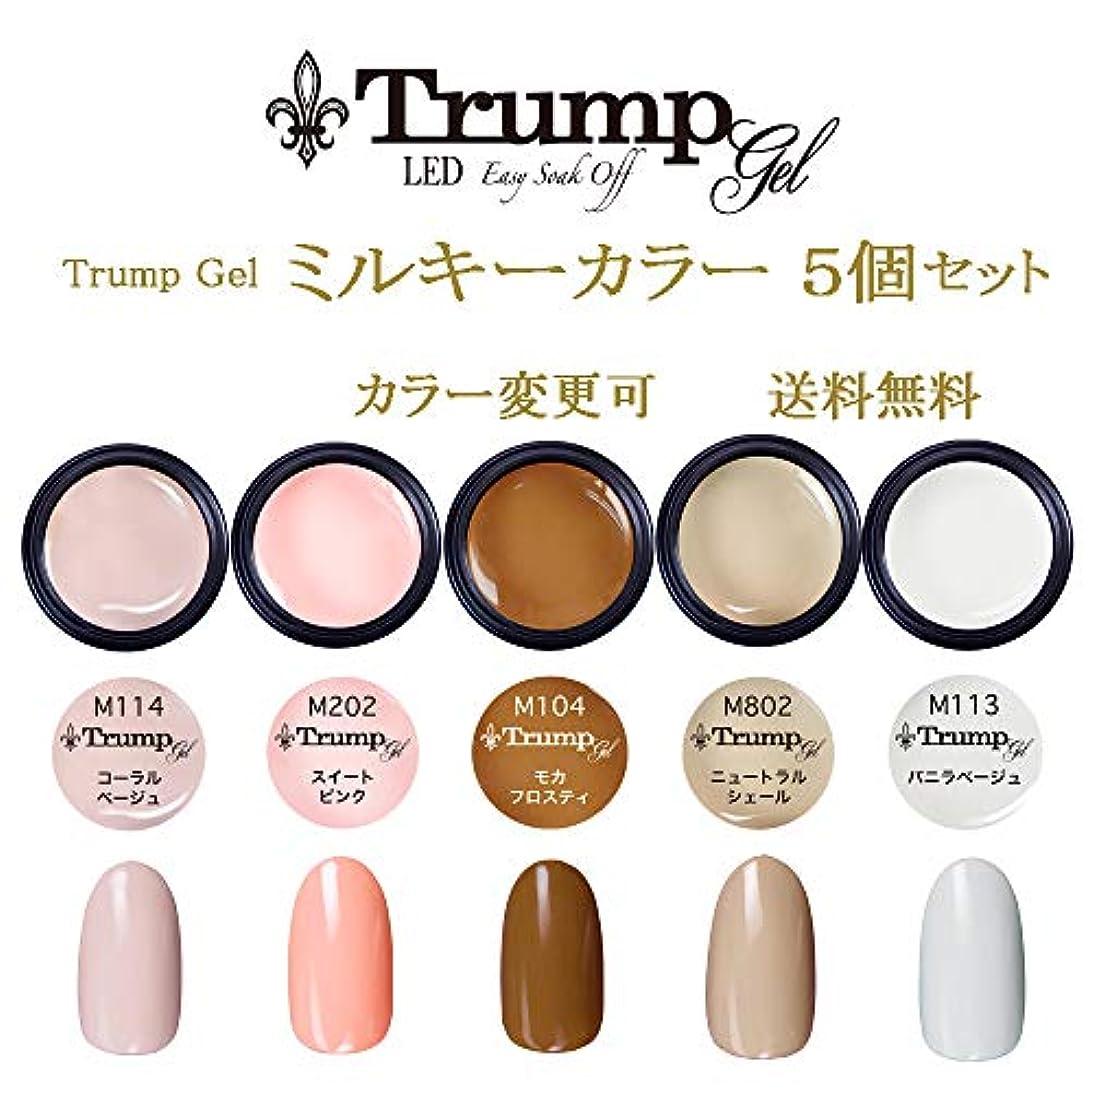 詐欺師歯科の気付く【送料無料】日本製 Trump gel トランプジェル ミルキーカラー 選べる カラージェル 5個セット ミルキーネイル ベージュ ピンク ミルキー カラー